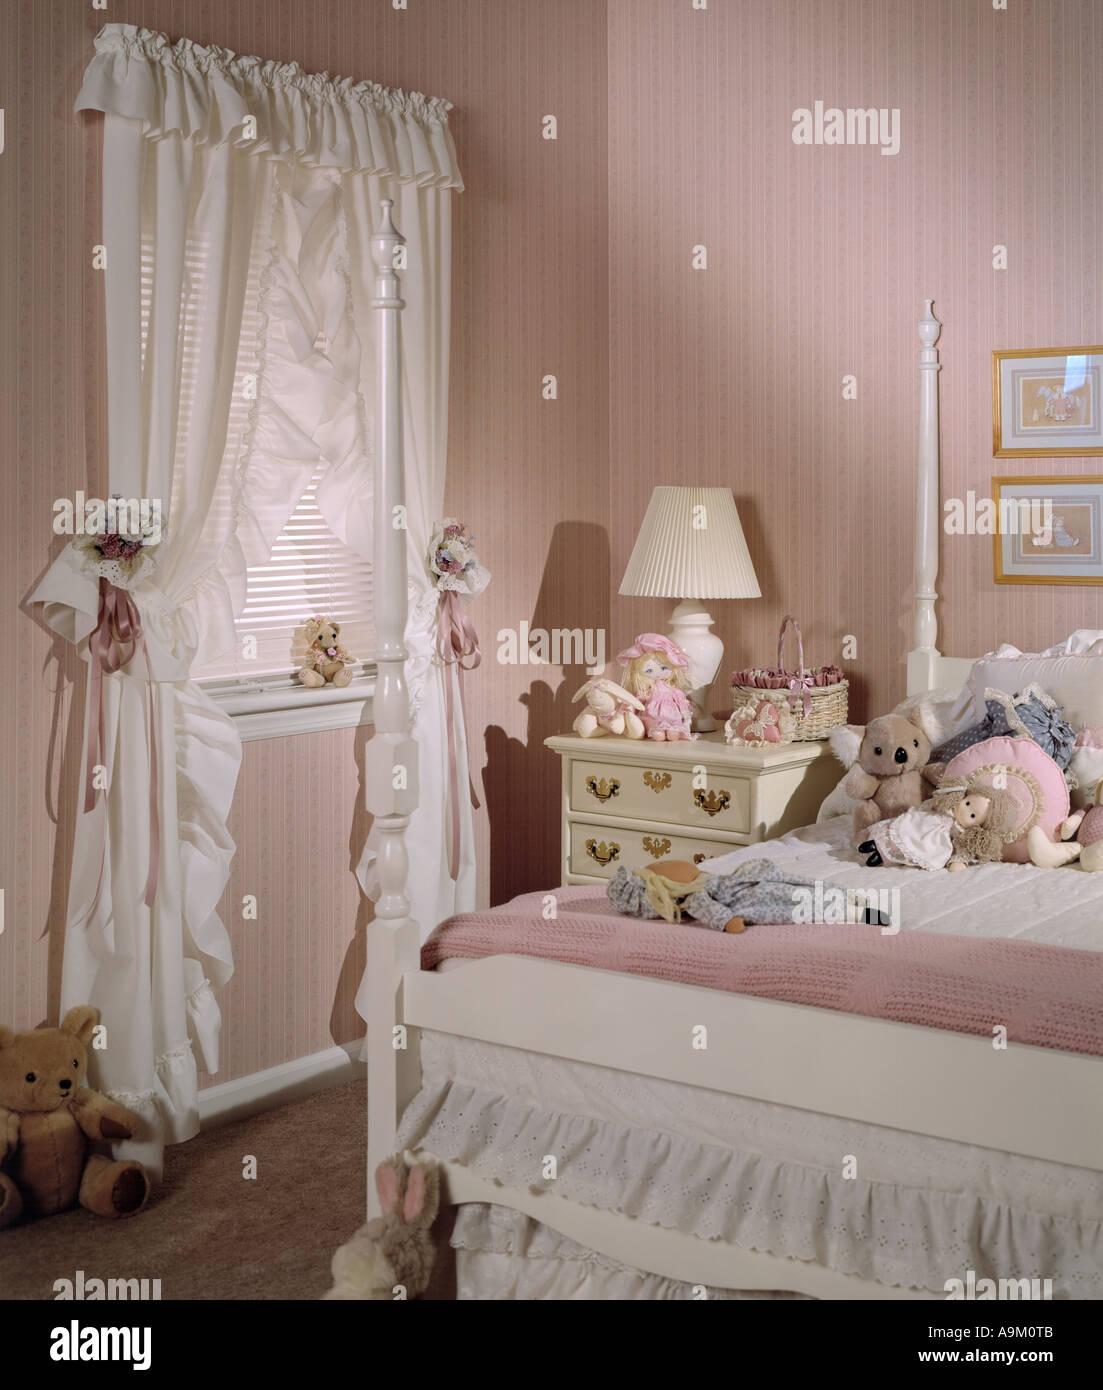 Perfekt Bett Zimmer Schlafzimmer Set Innen Tapete Vorhänge Teddybären  Plüsch Stofftier Vier Poster Bett Kinder Kinder